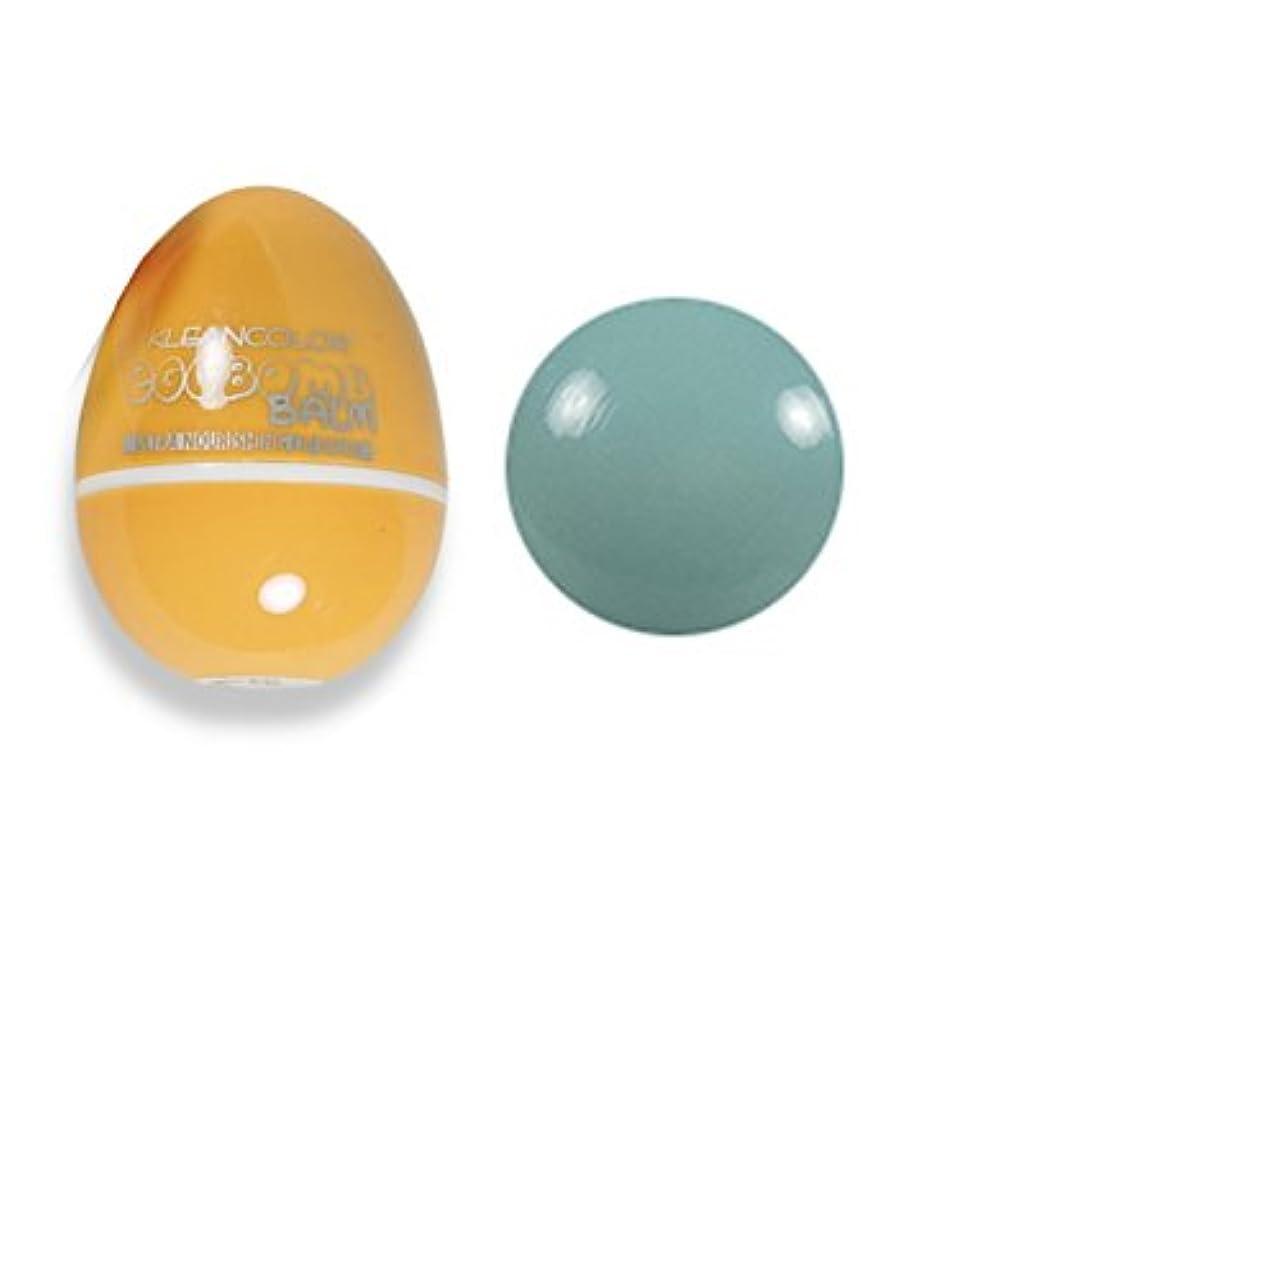 ダイバー許容彫刻家KLEANCOLOR Eggbomb Balm - Poached (並行輸入品)